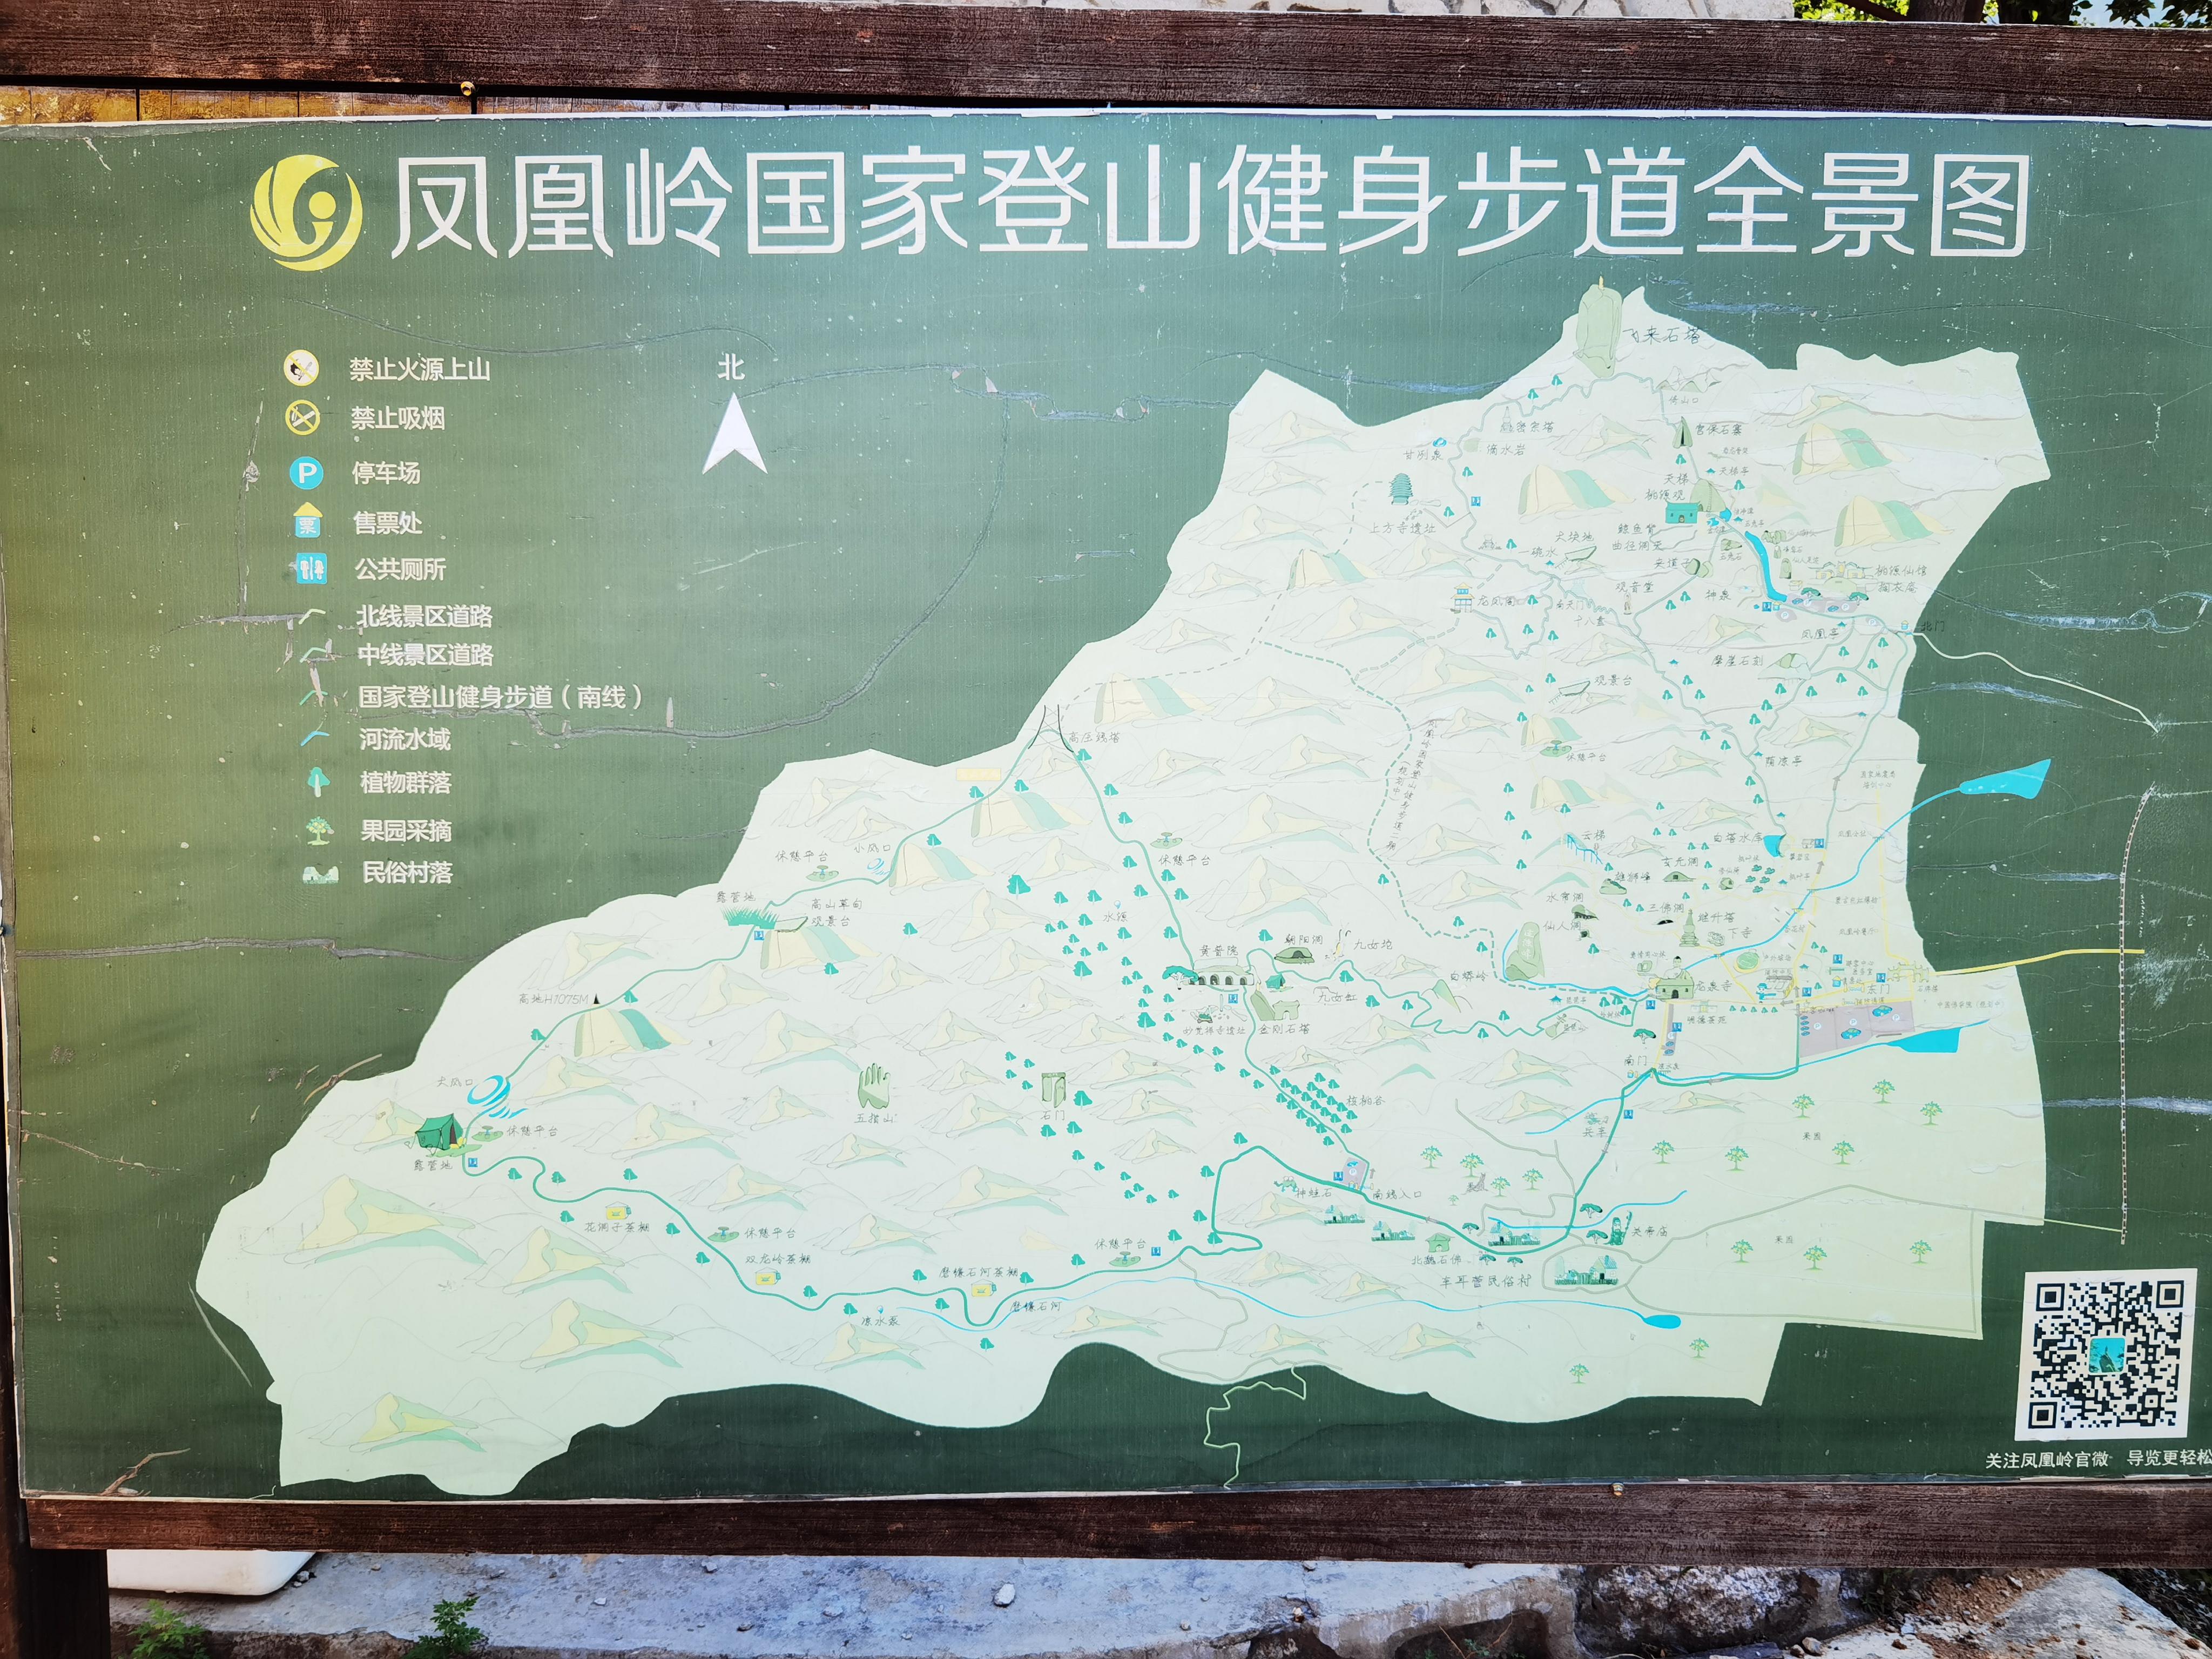 凤凰岭景区图